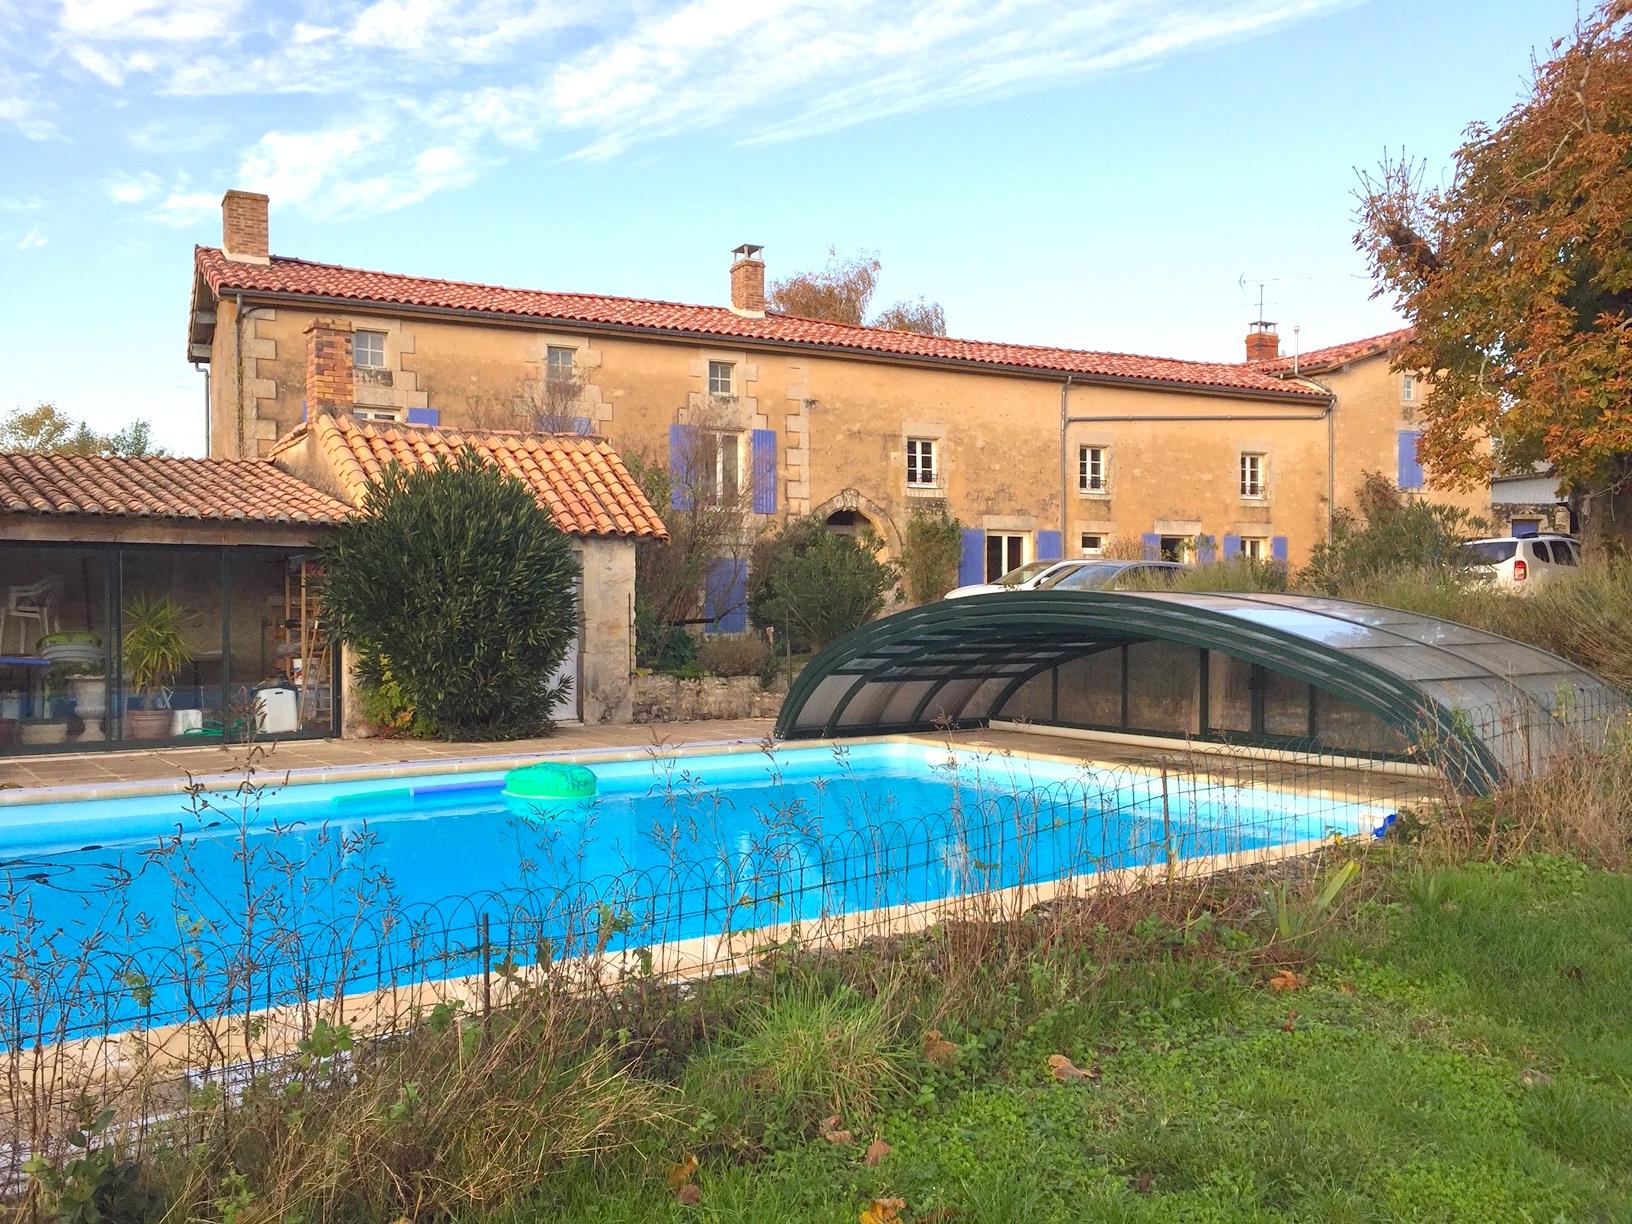 maison villa vente france m tres carr s 250 dans le domaine de 79 deux sevres ref vsa1341